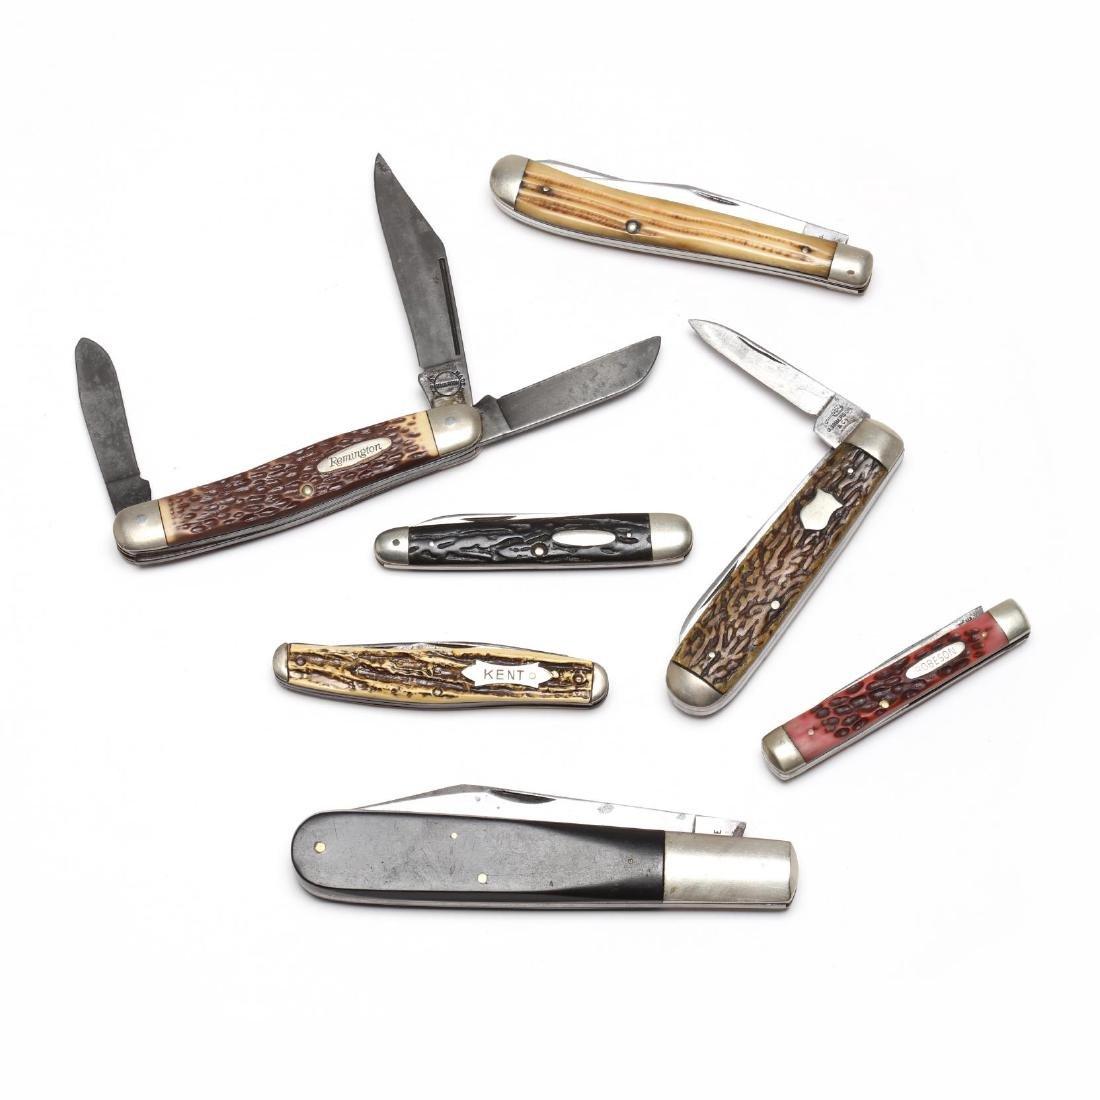 Seven Vintage Pocket Knives